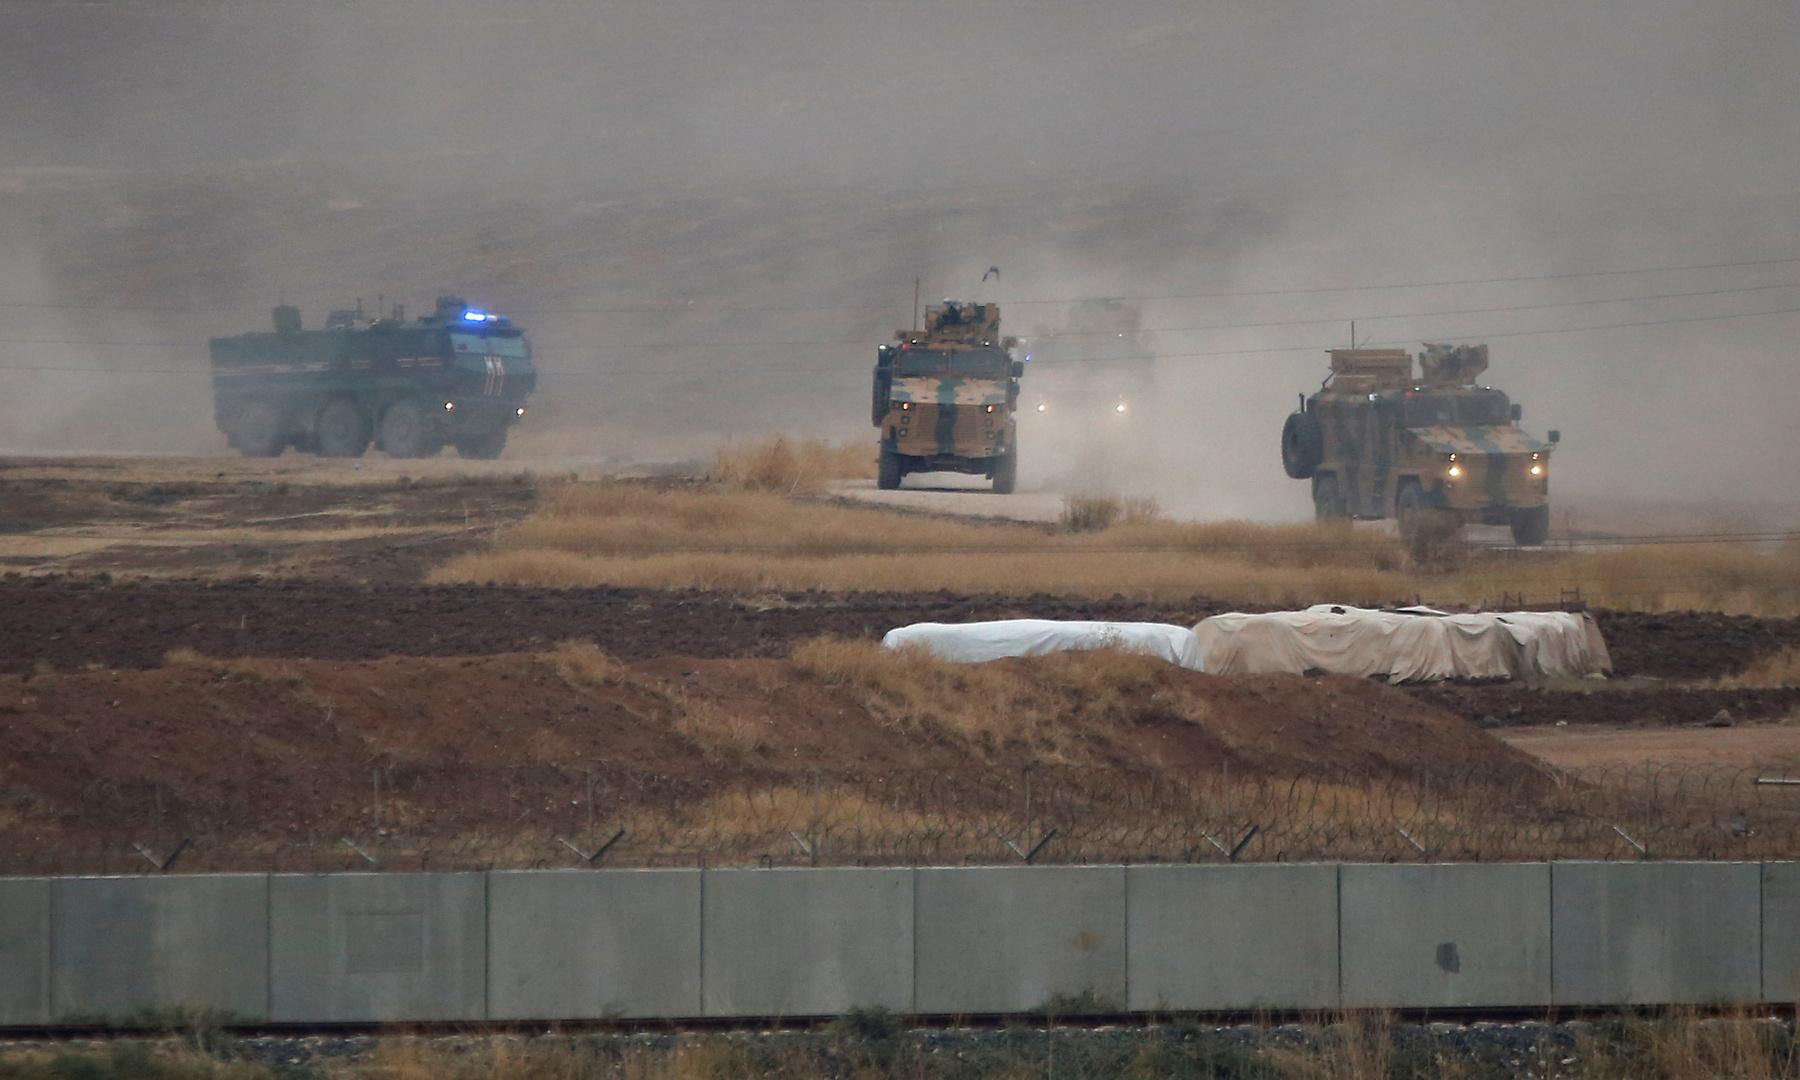 دورية روسية تركية مشتركة عند الحدود التركية السورية- أرشيف